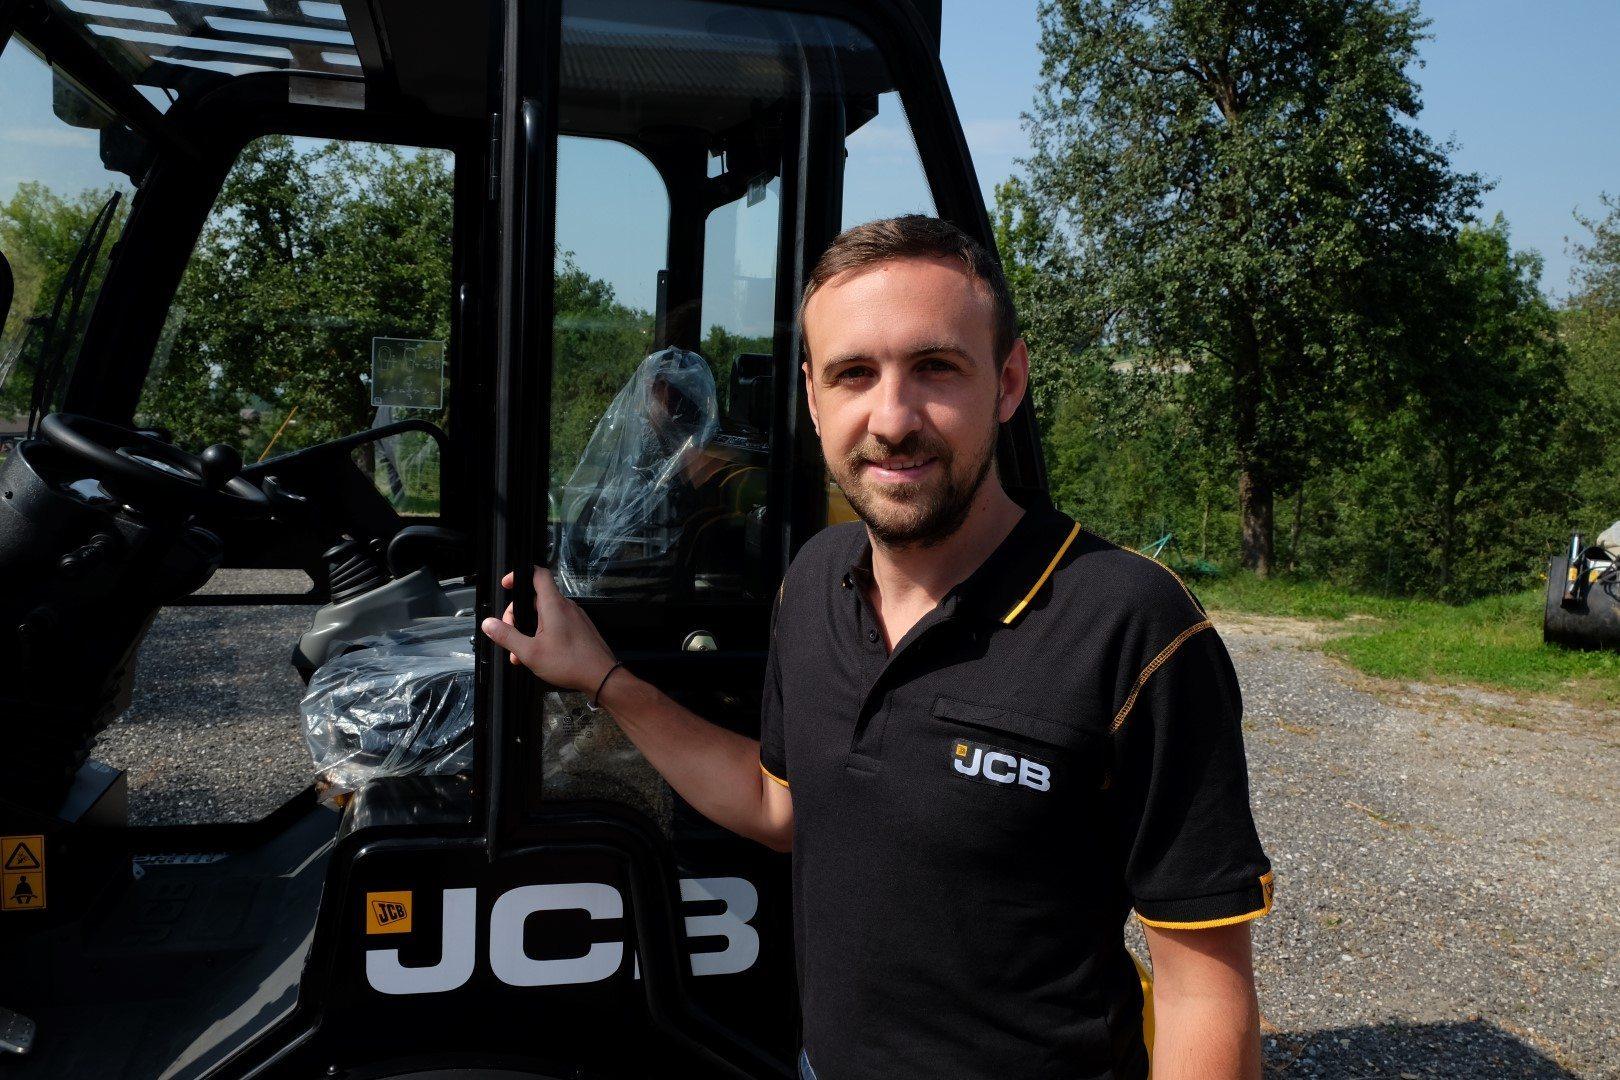 Produktexperte Dominik Babe mit steht neben einem Hoflader 403 Agri von JCB.